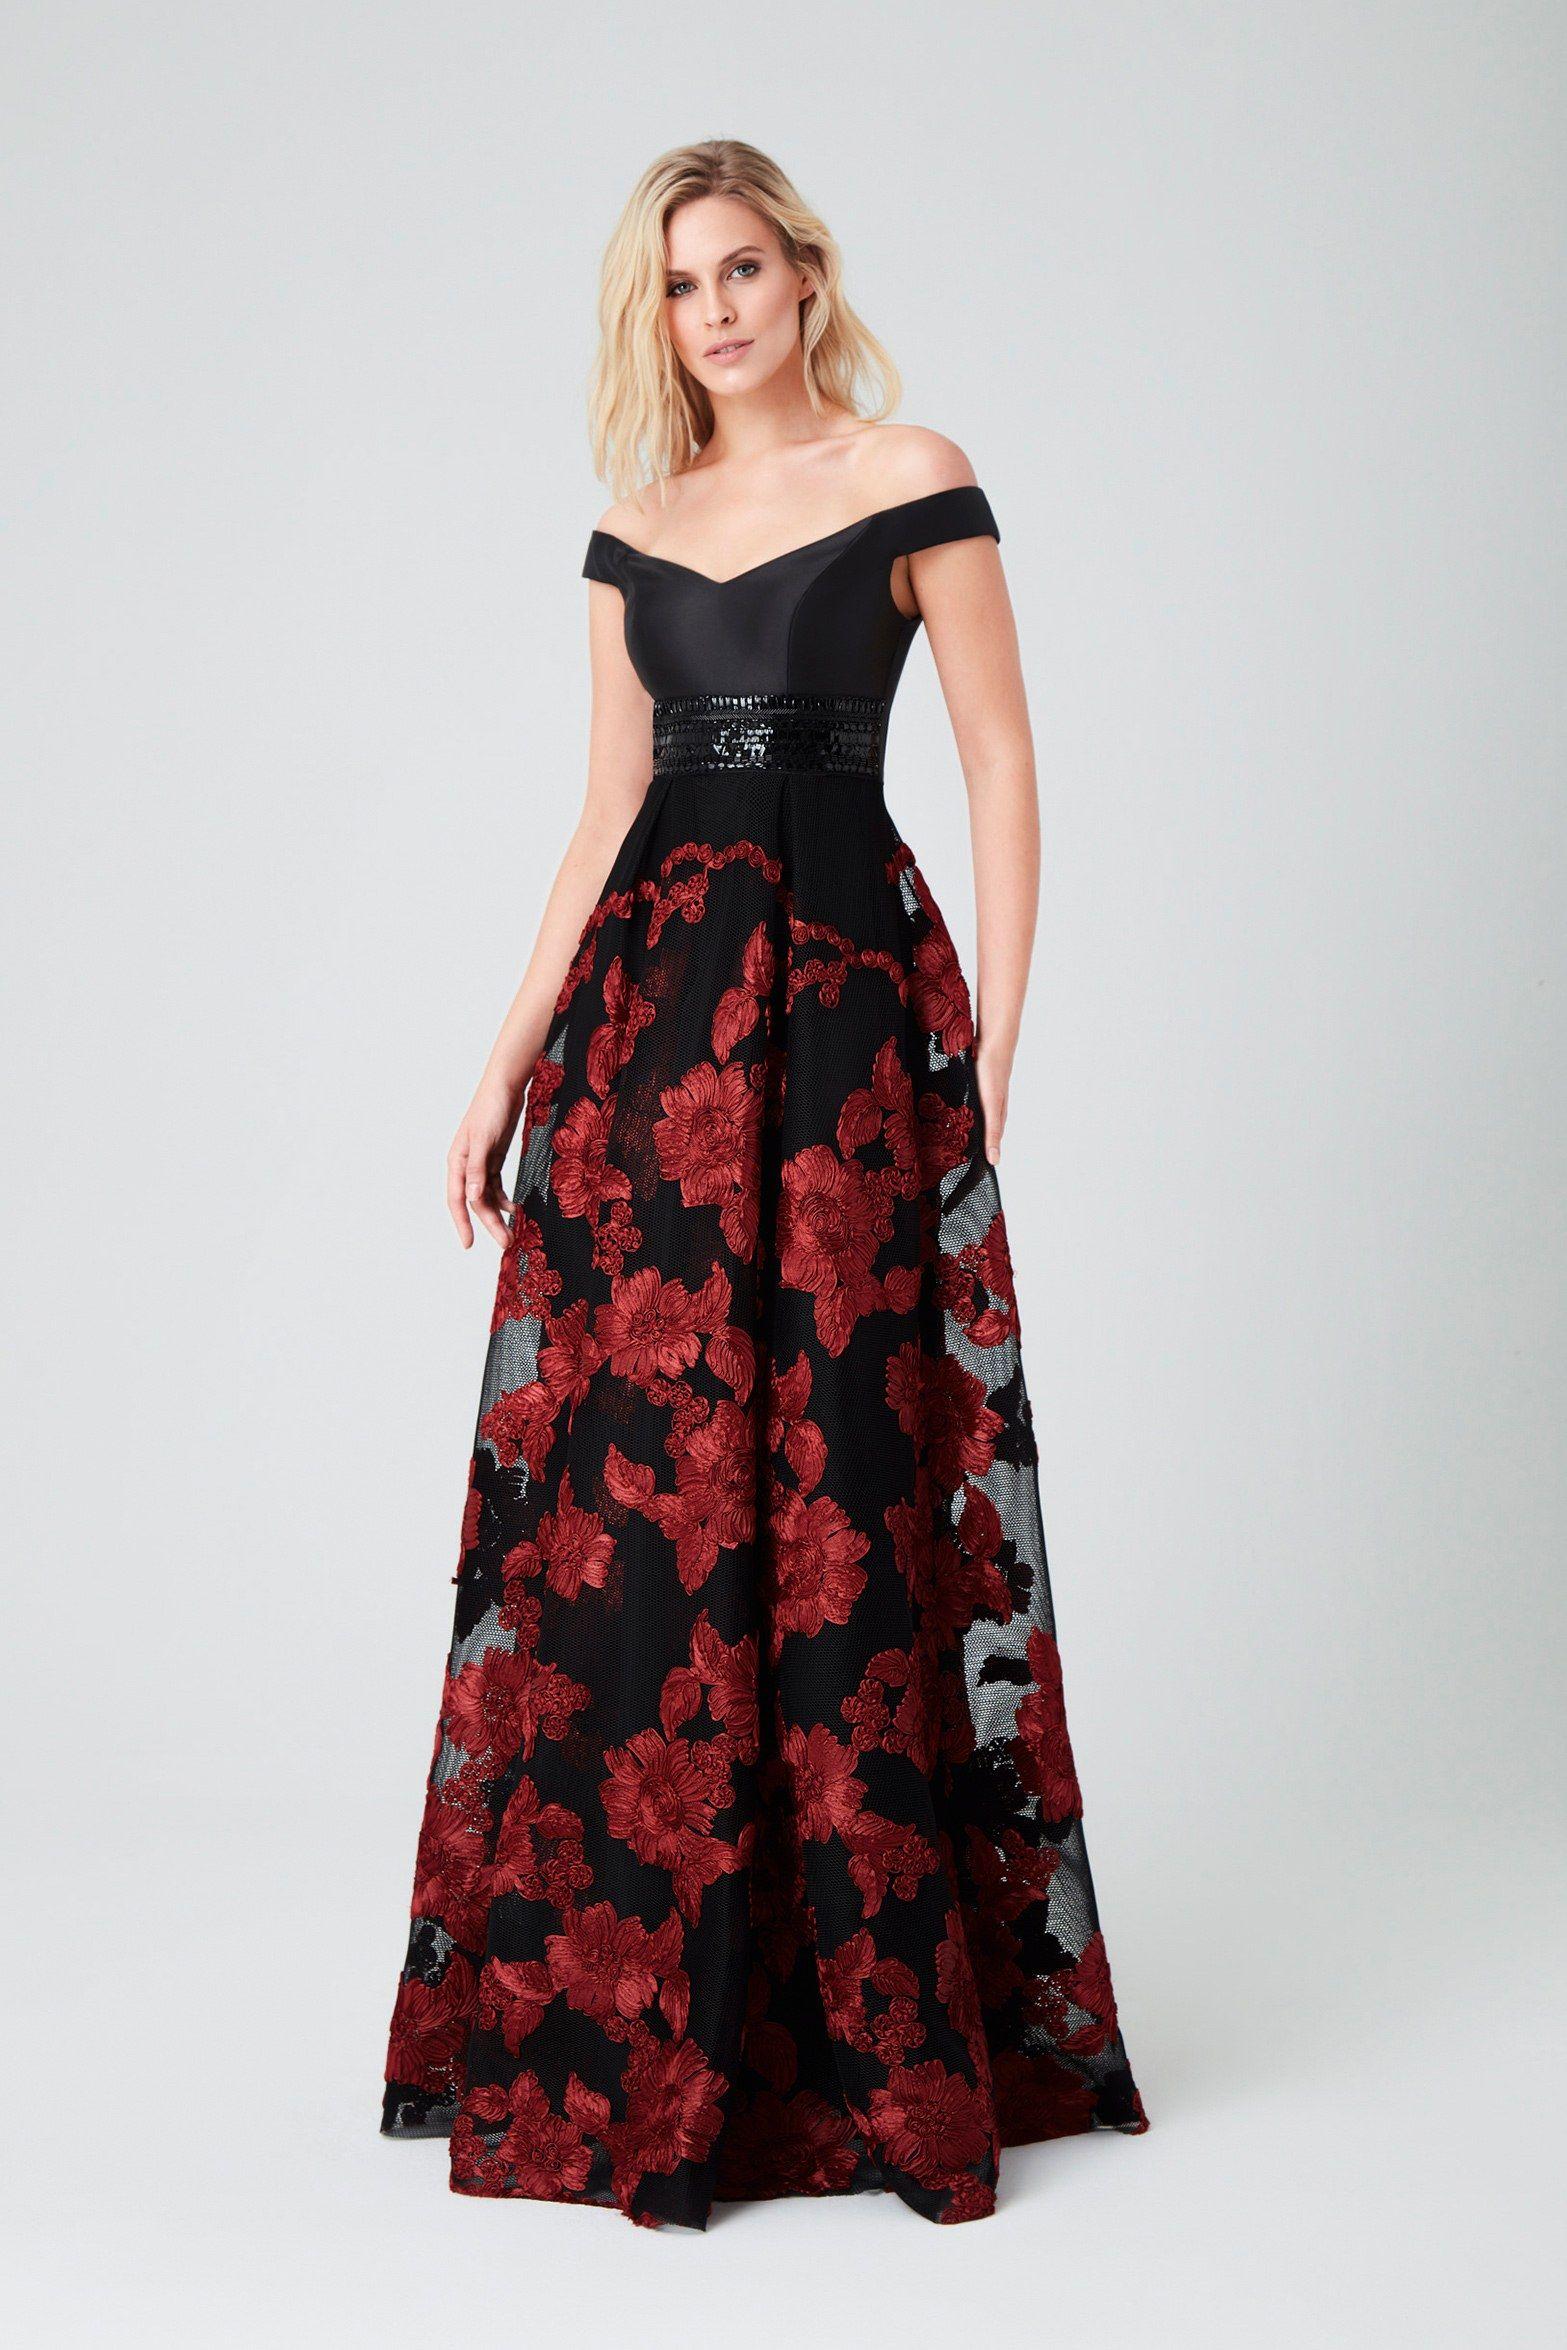 2aeb0cee03455 Kırmızı Kayık Yaka Dantel Çiçek Desenli Uzun Abiye Elbise Viola chan oleg  cassini , Sezon Eteği